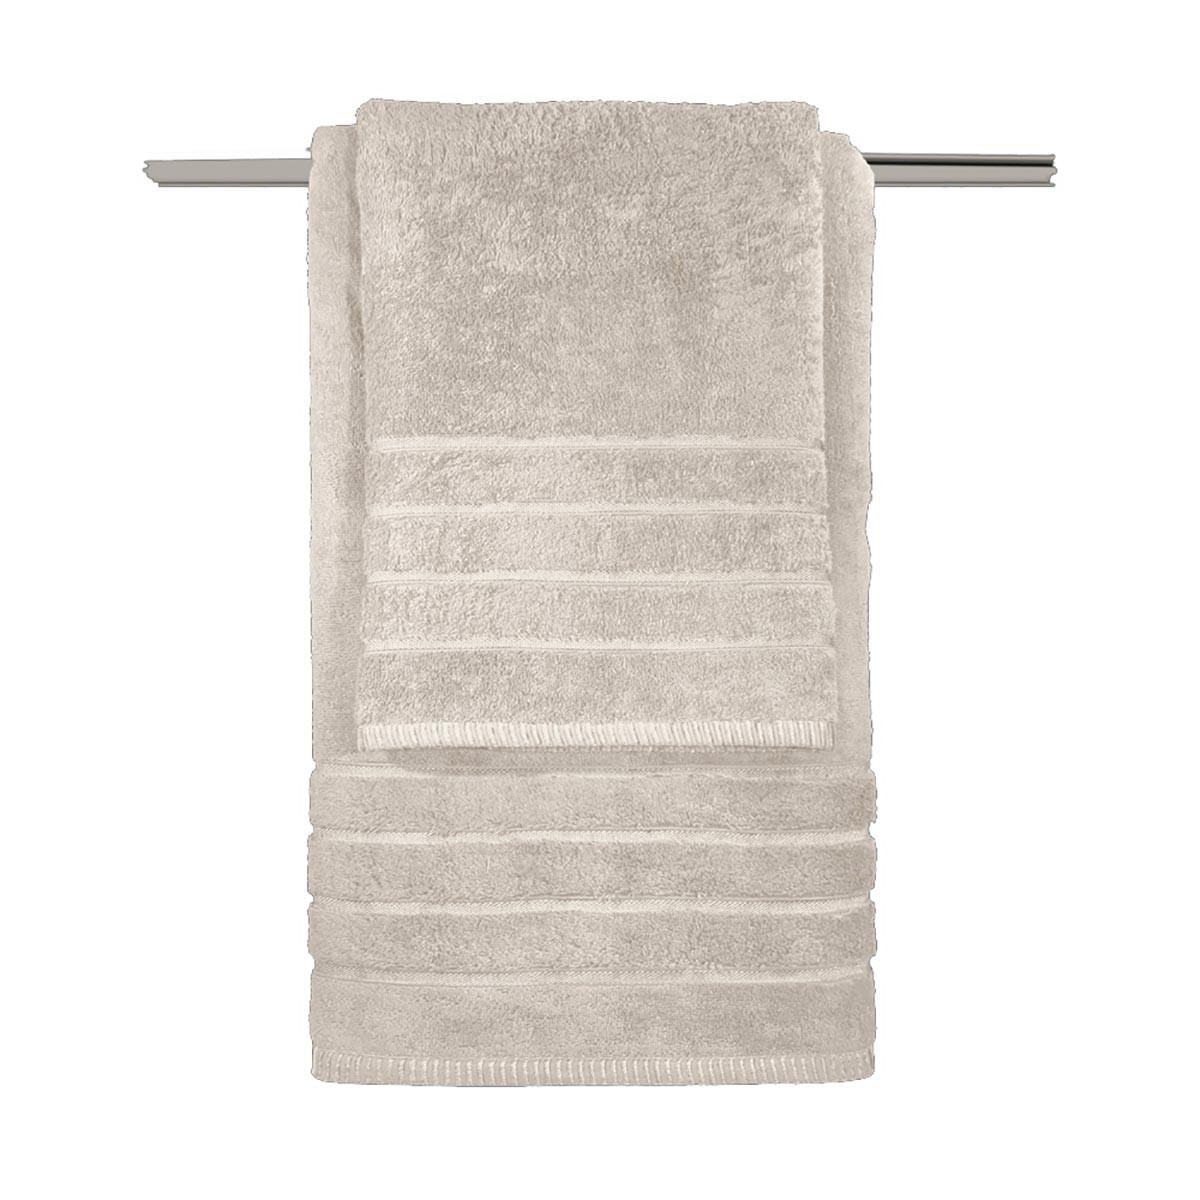 Πετσέτες Μπάνιου (Σετ 3τμχ) Guy Laroche Metzo Beige